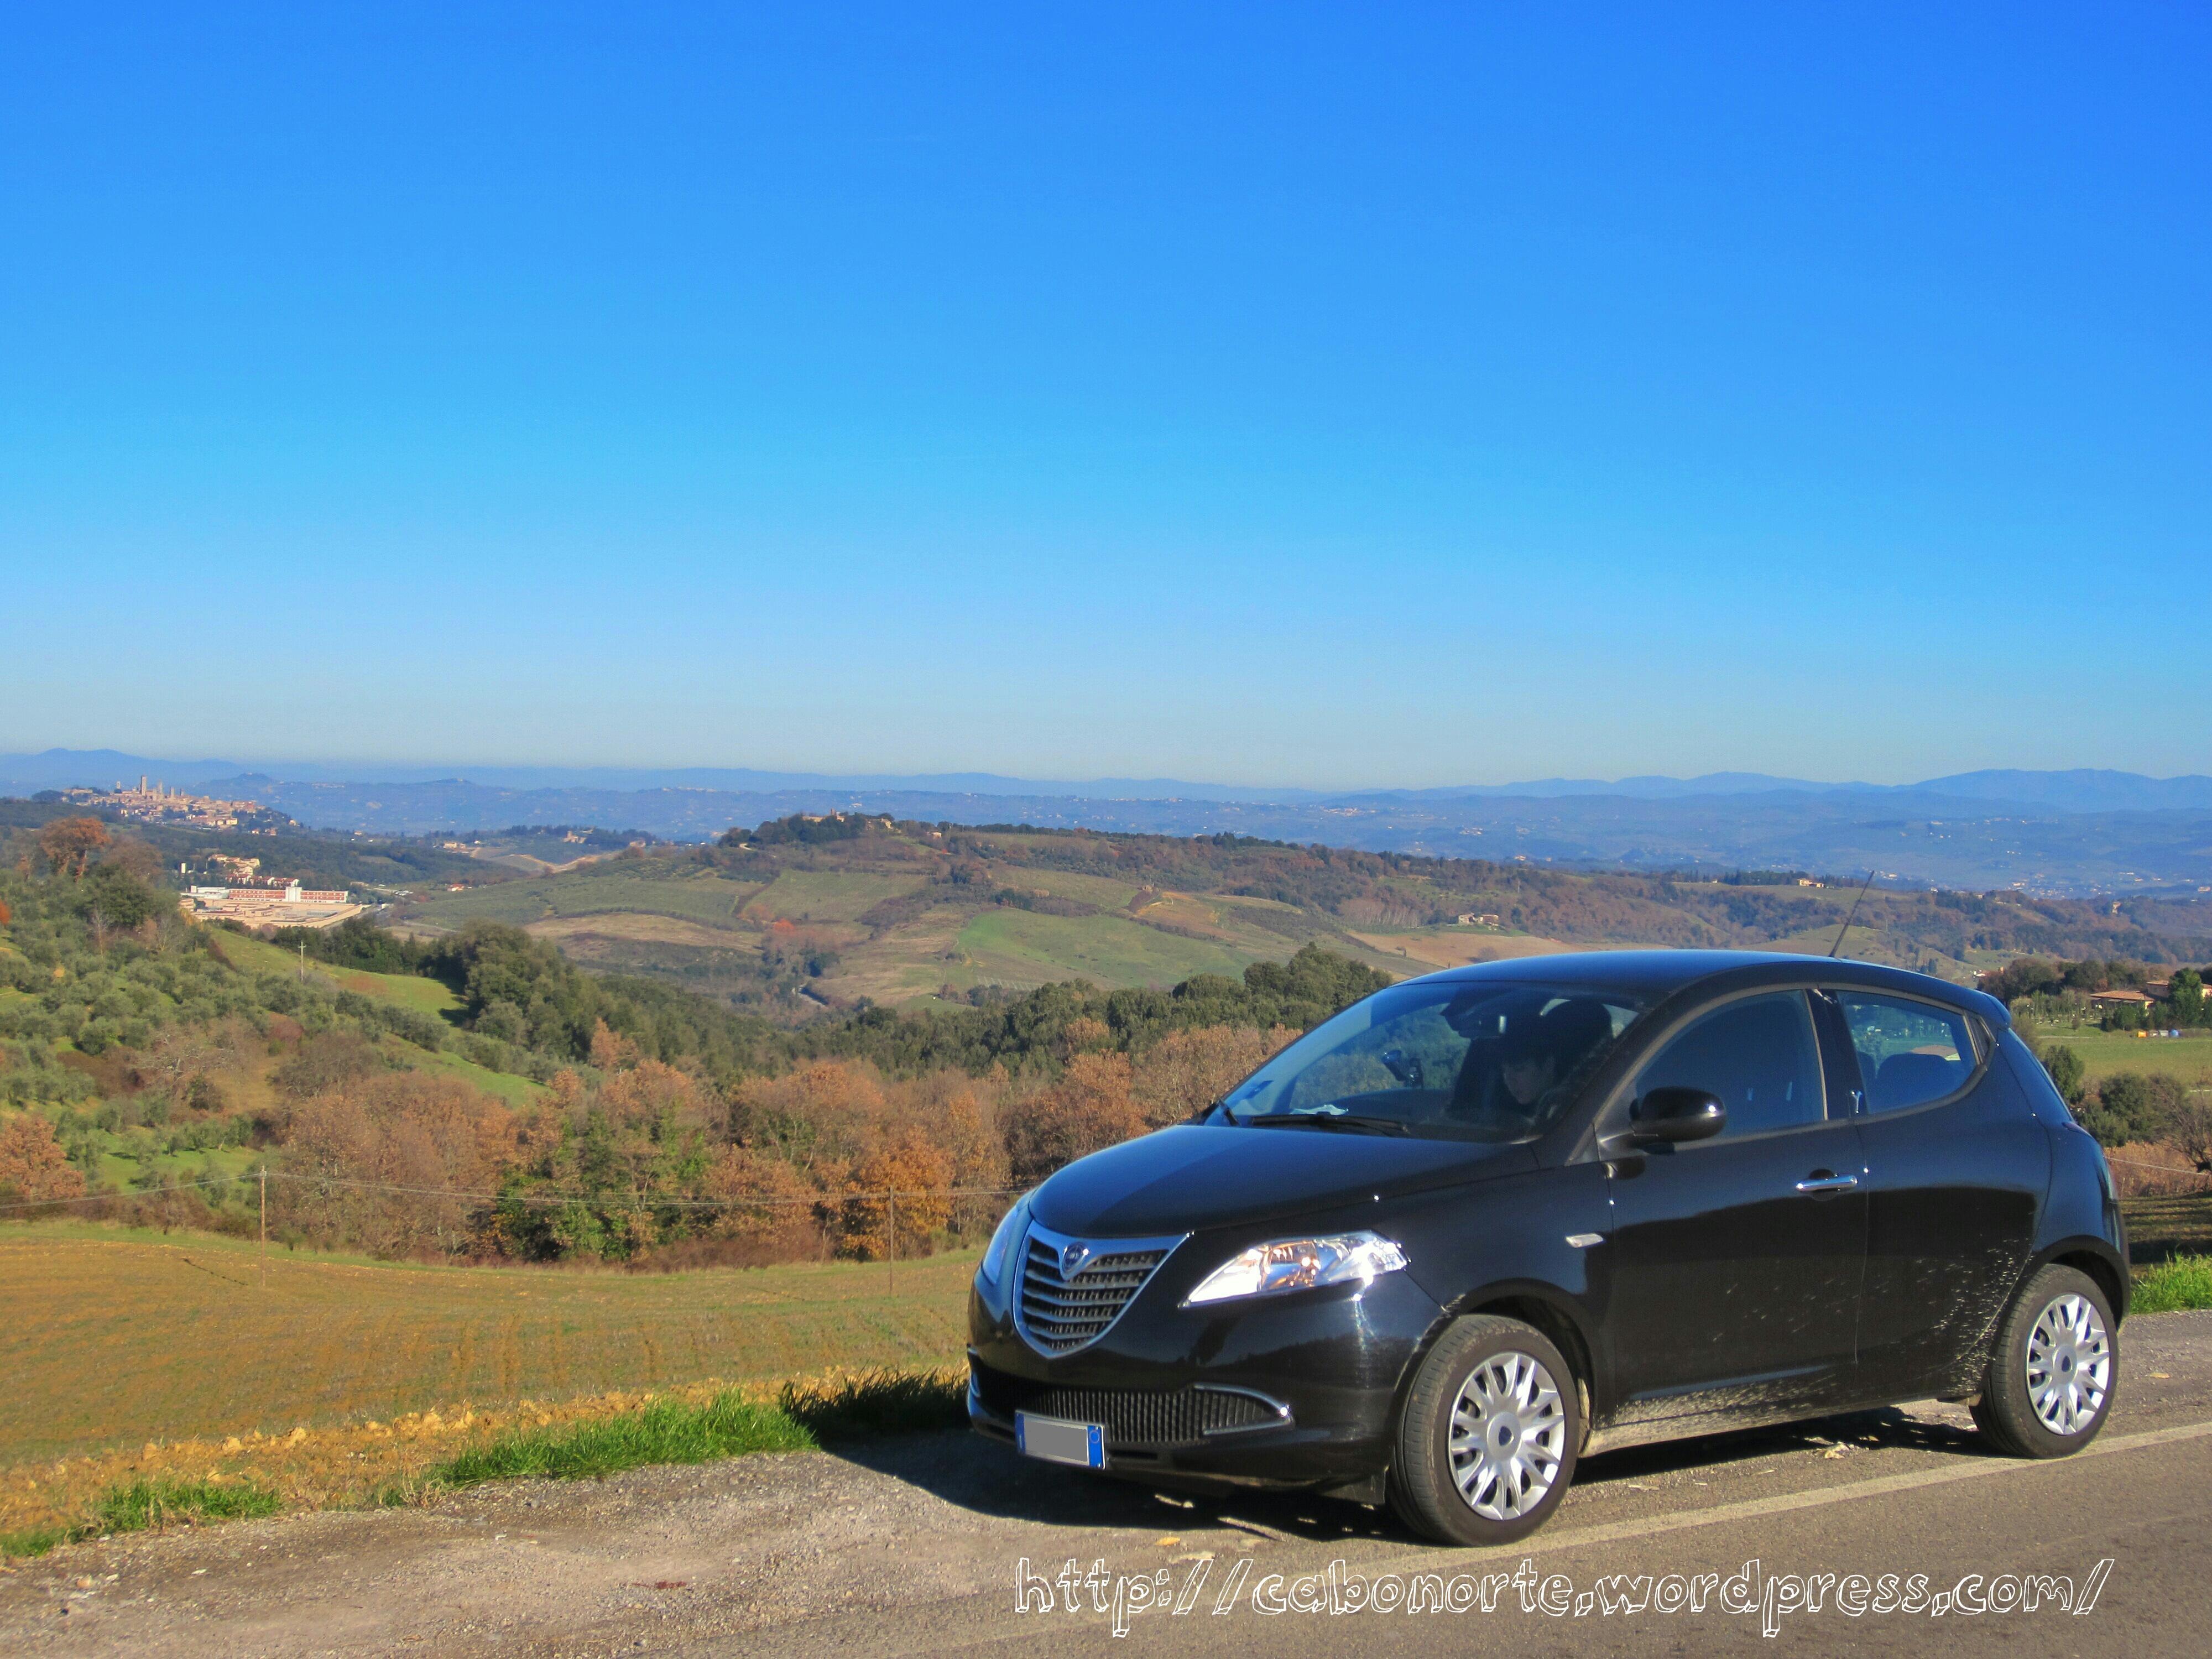 La Toscana en coche de alquiler, Italia, diciembre 2012